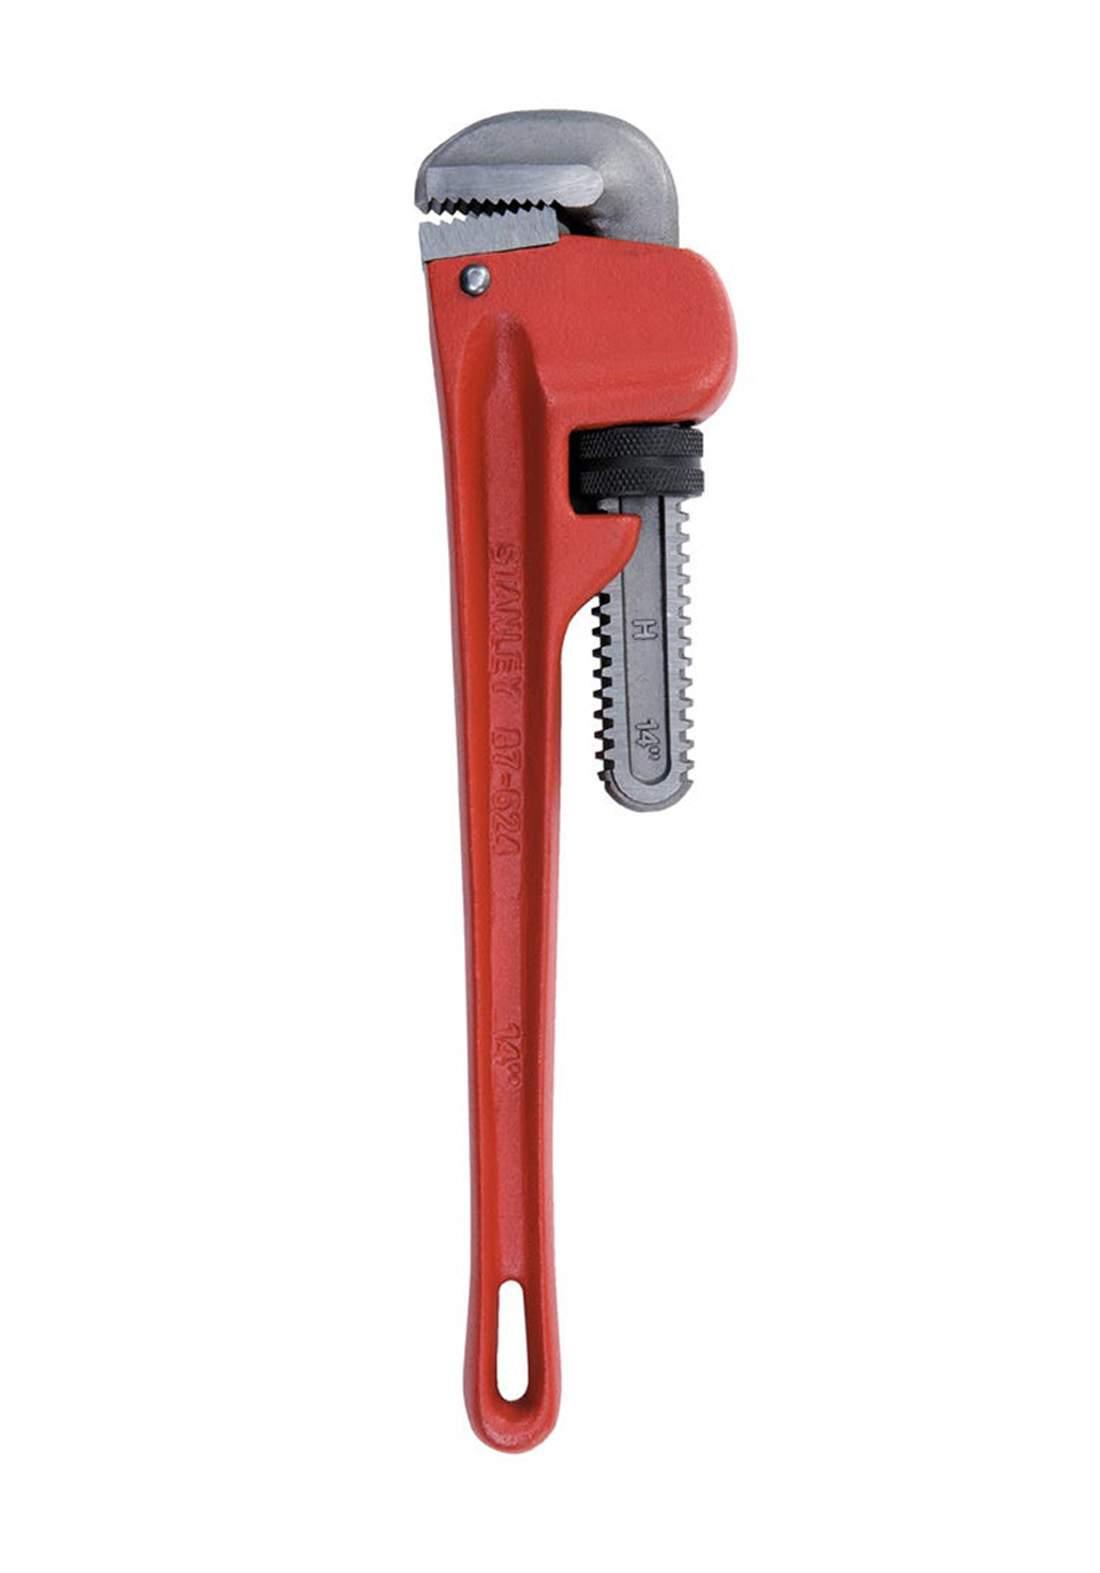 Stanley 87-624 Pipe Wrench 350mm سكول سبانة